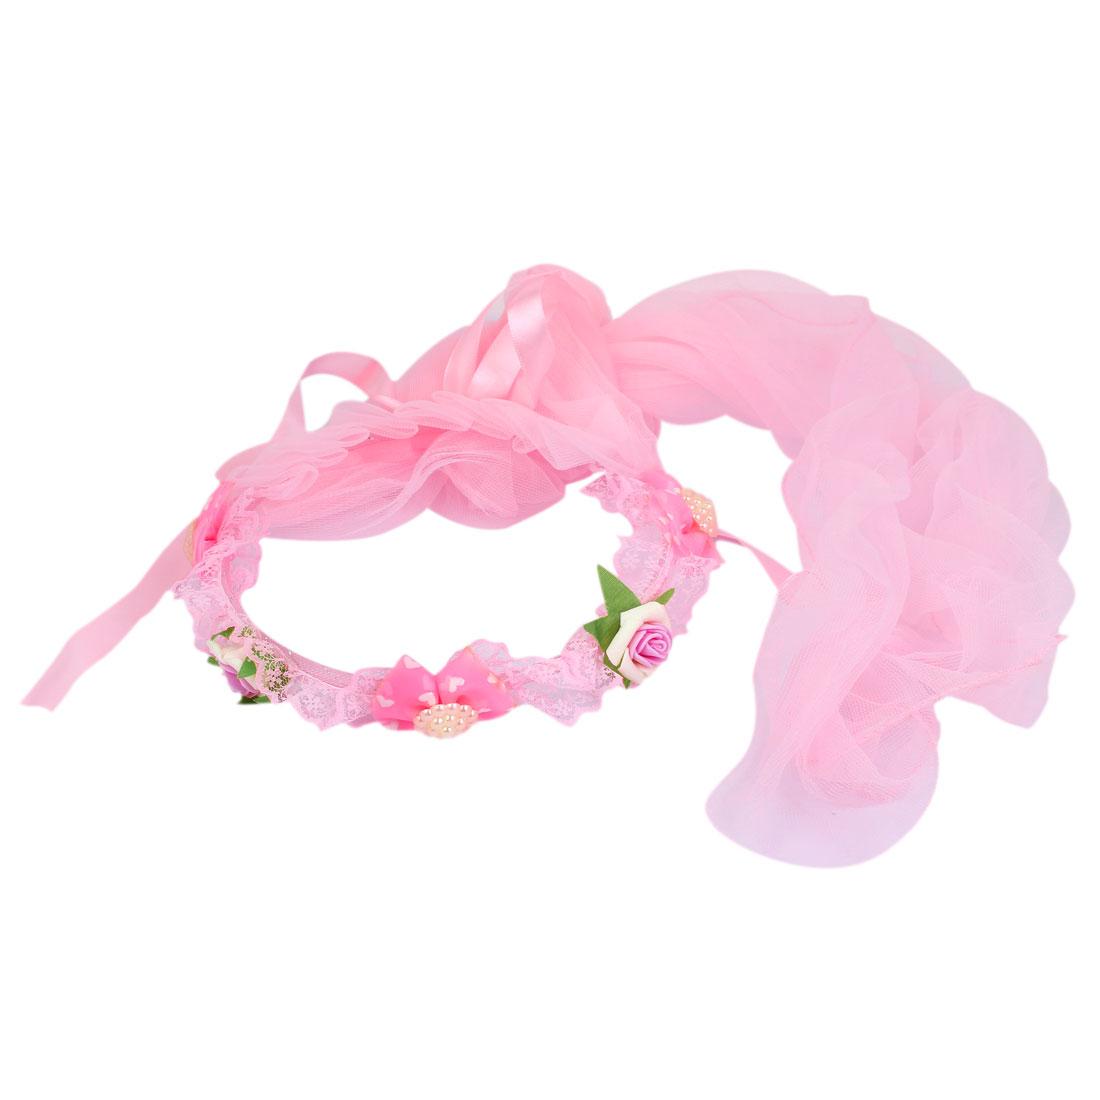 Flower Bowtie Decor Women Wedding Party Hair Band Crown Garland Wreath Veil Pink